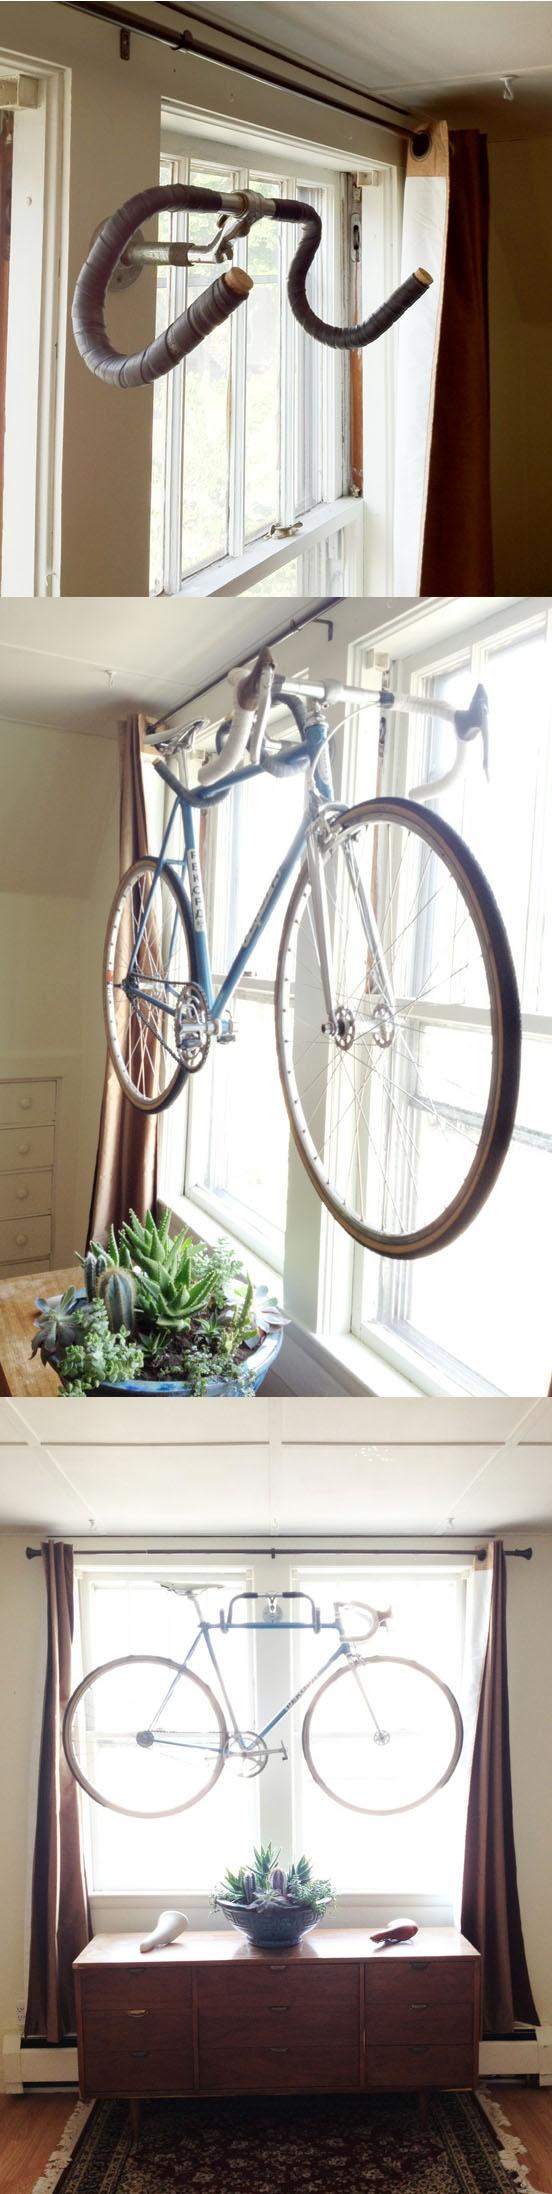 buena idea de colgador de bicis